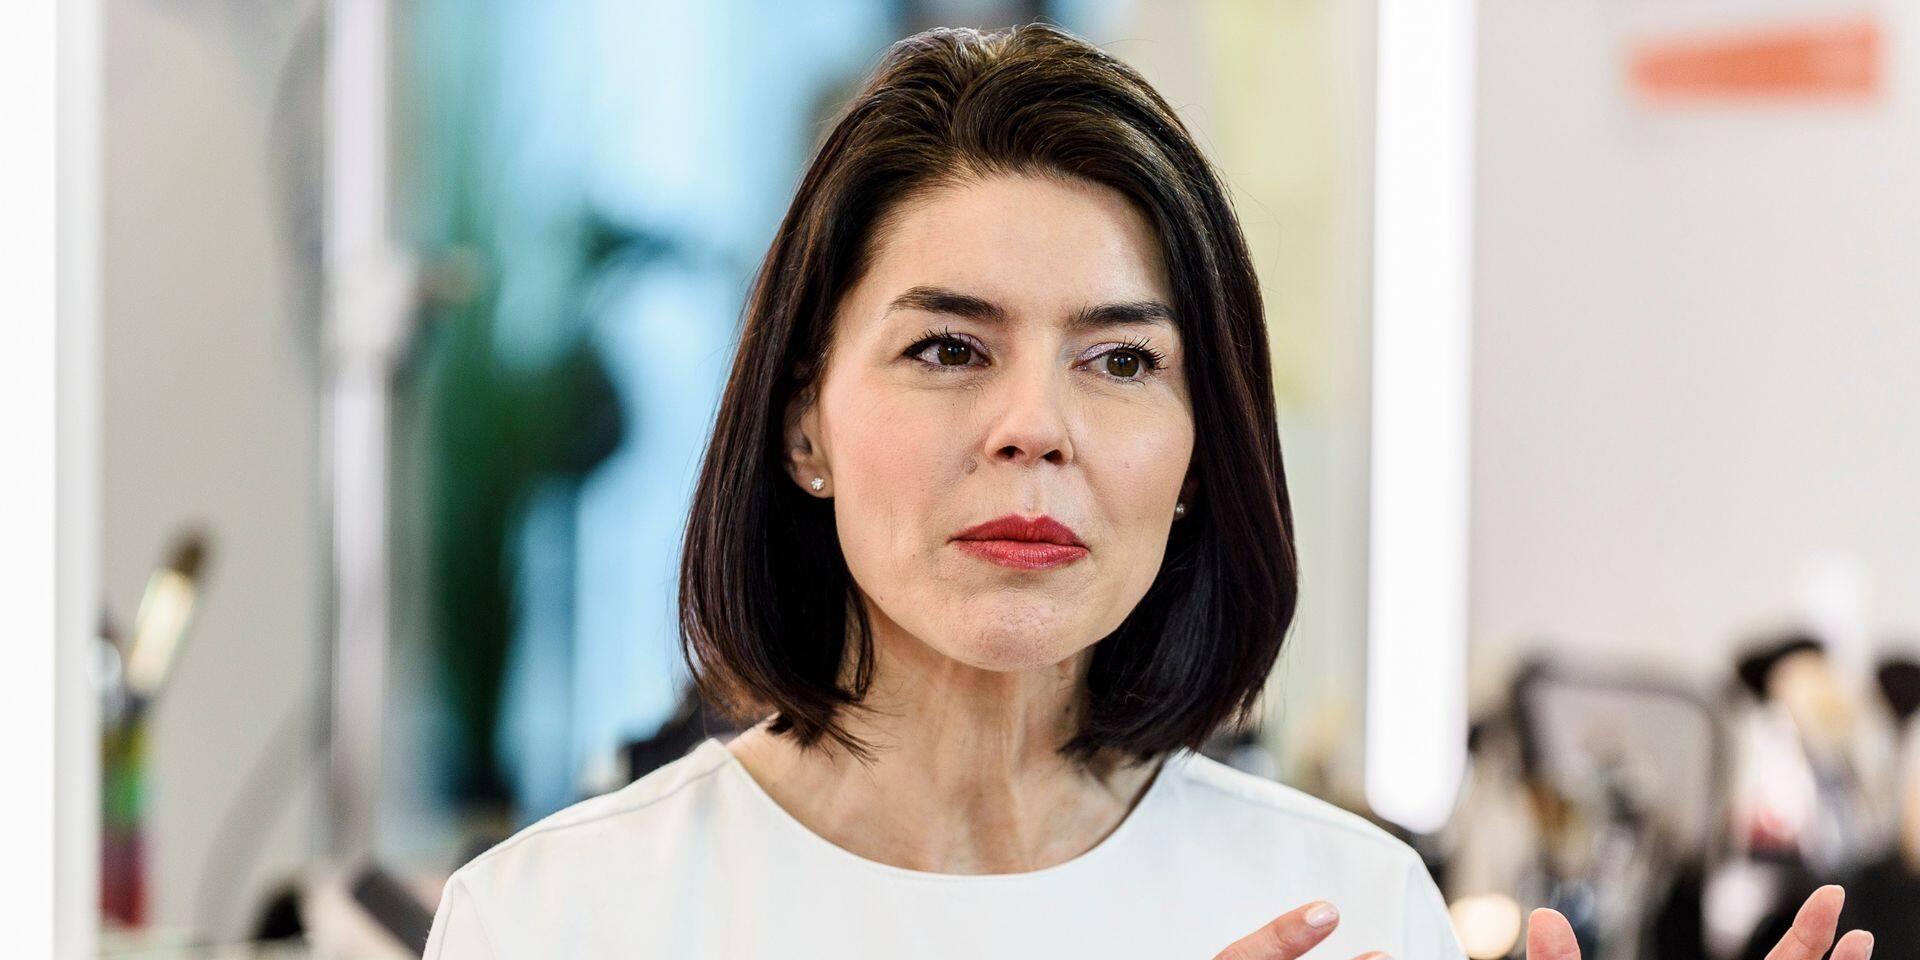 Les étudiants ne seront pas obligés de se vacciner pour la rentrée académique, annonce Valérie Glatigny